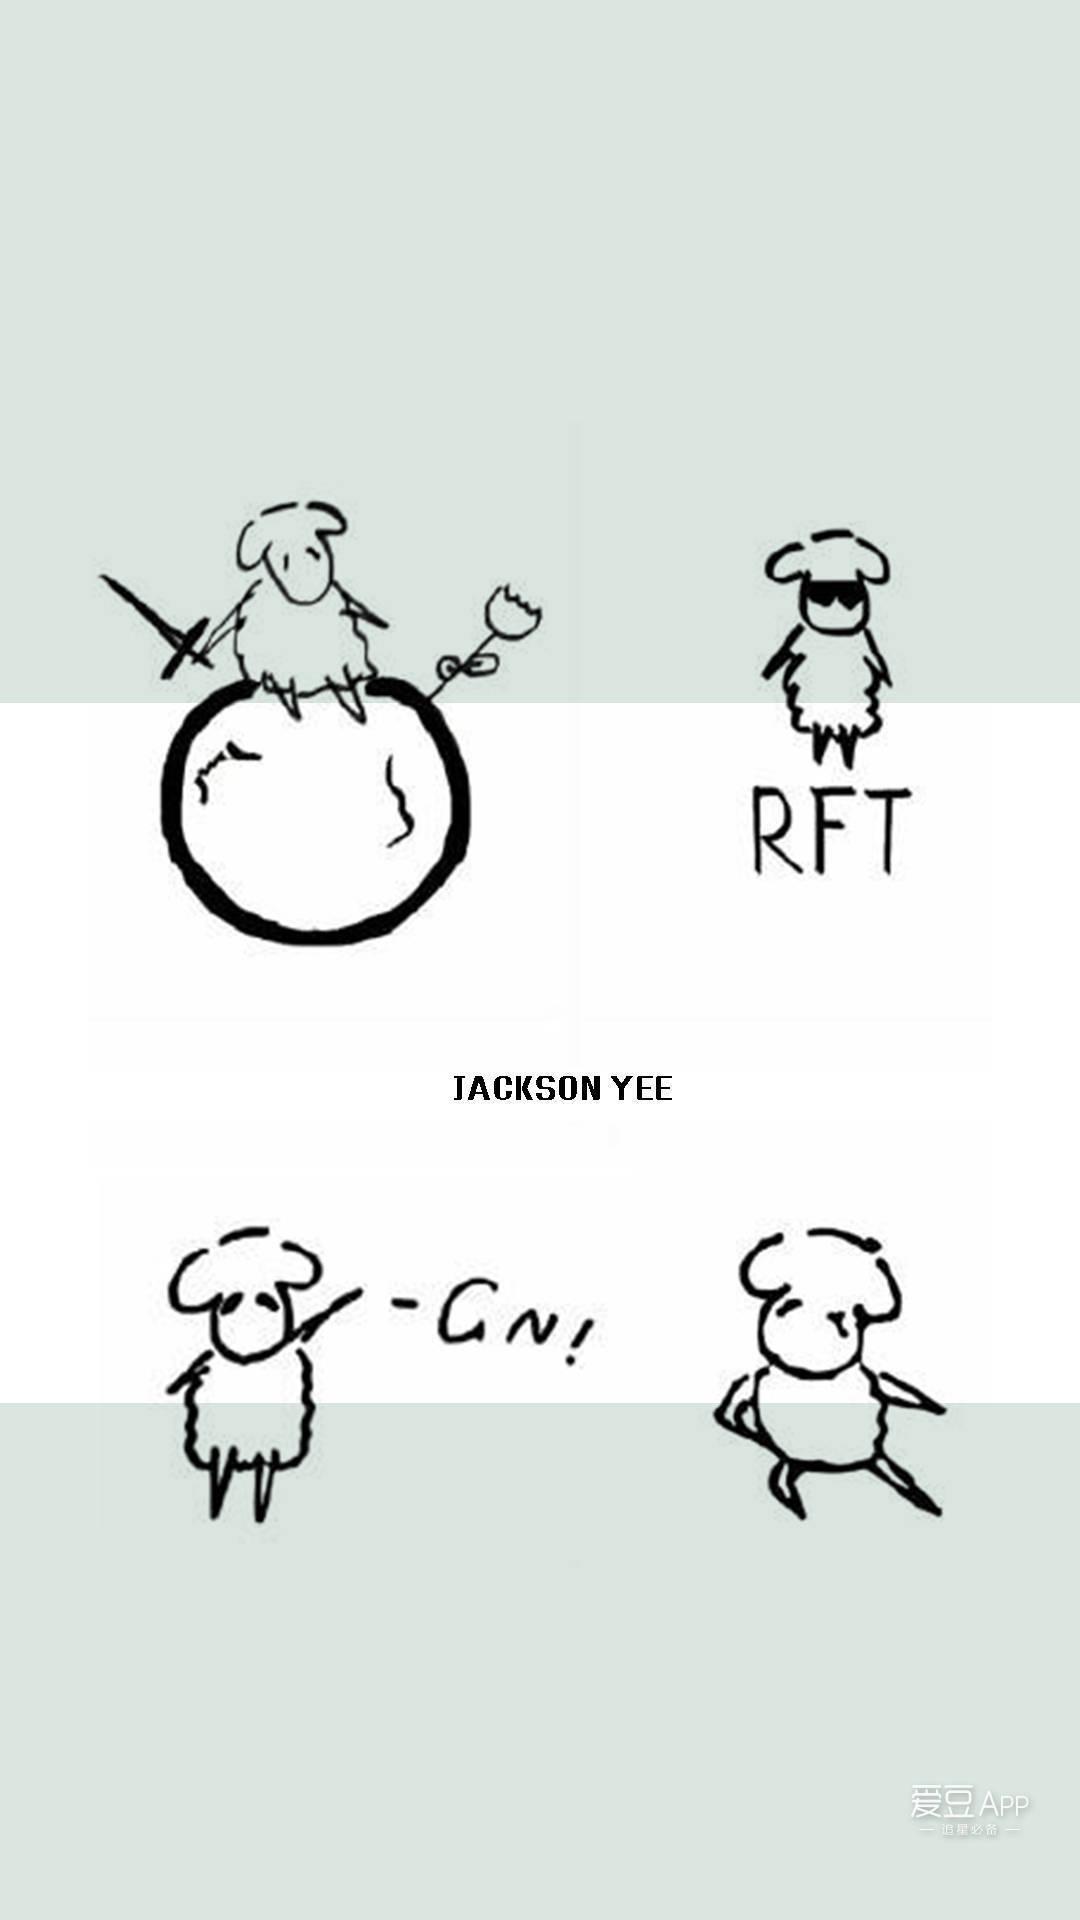 [tfboys][新闻]170628 易烊千玺周记手绘合集 画风从易只羊发展成魔性